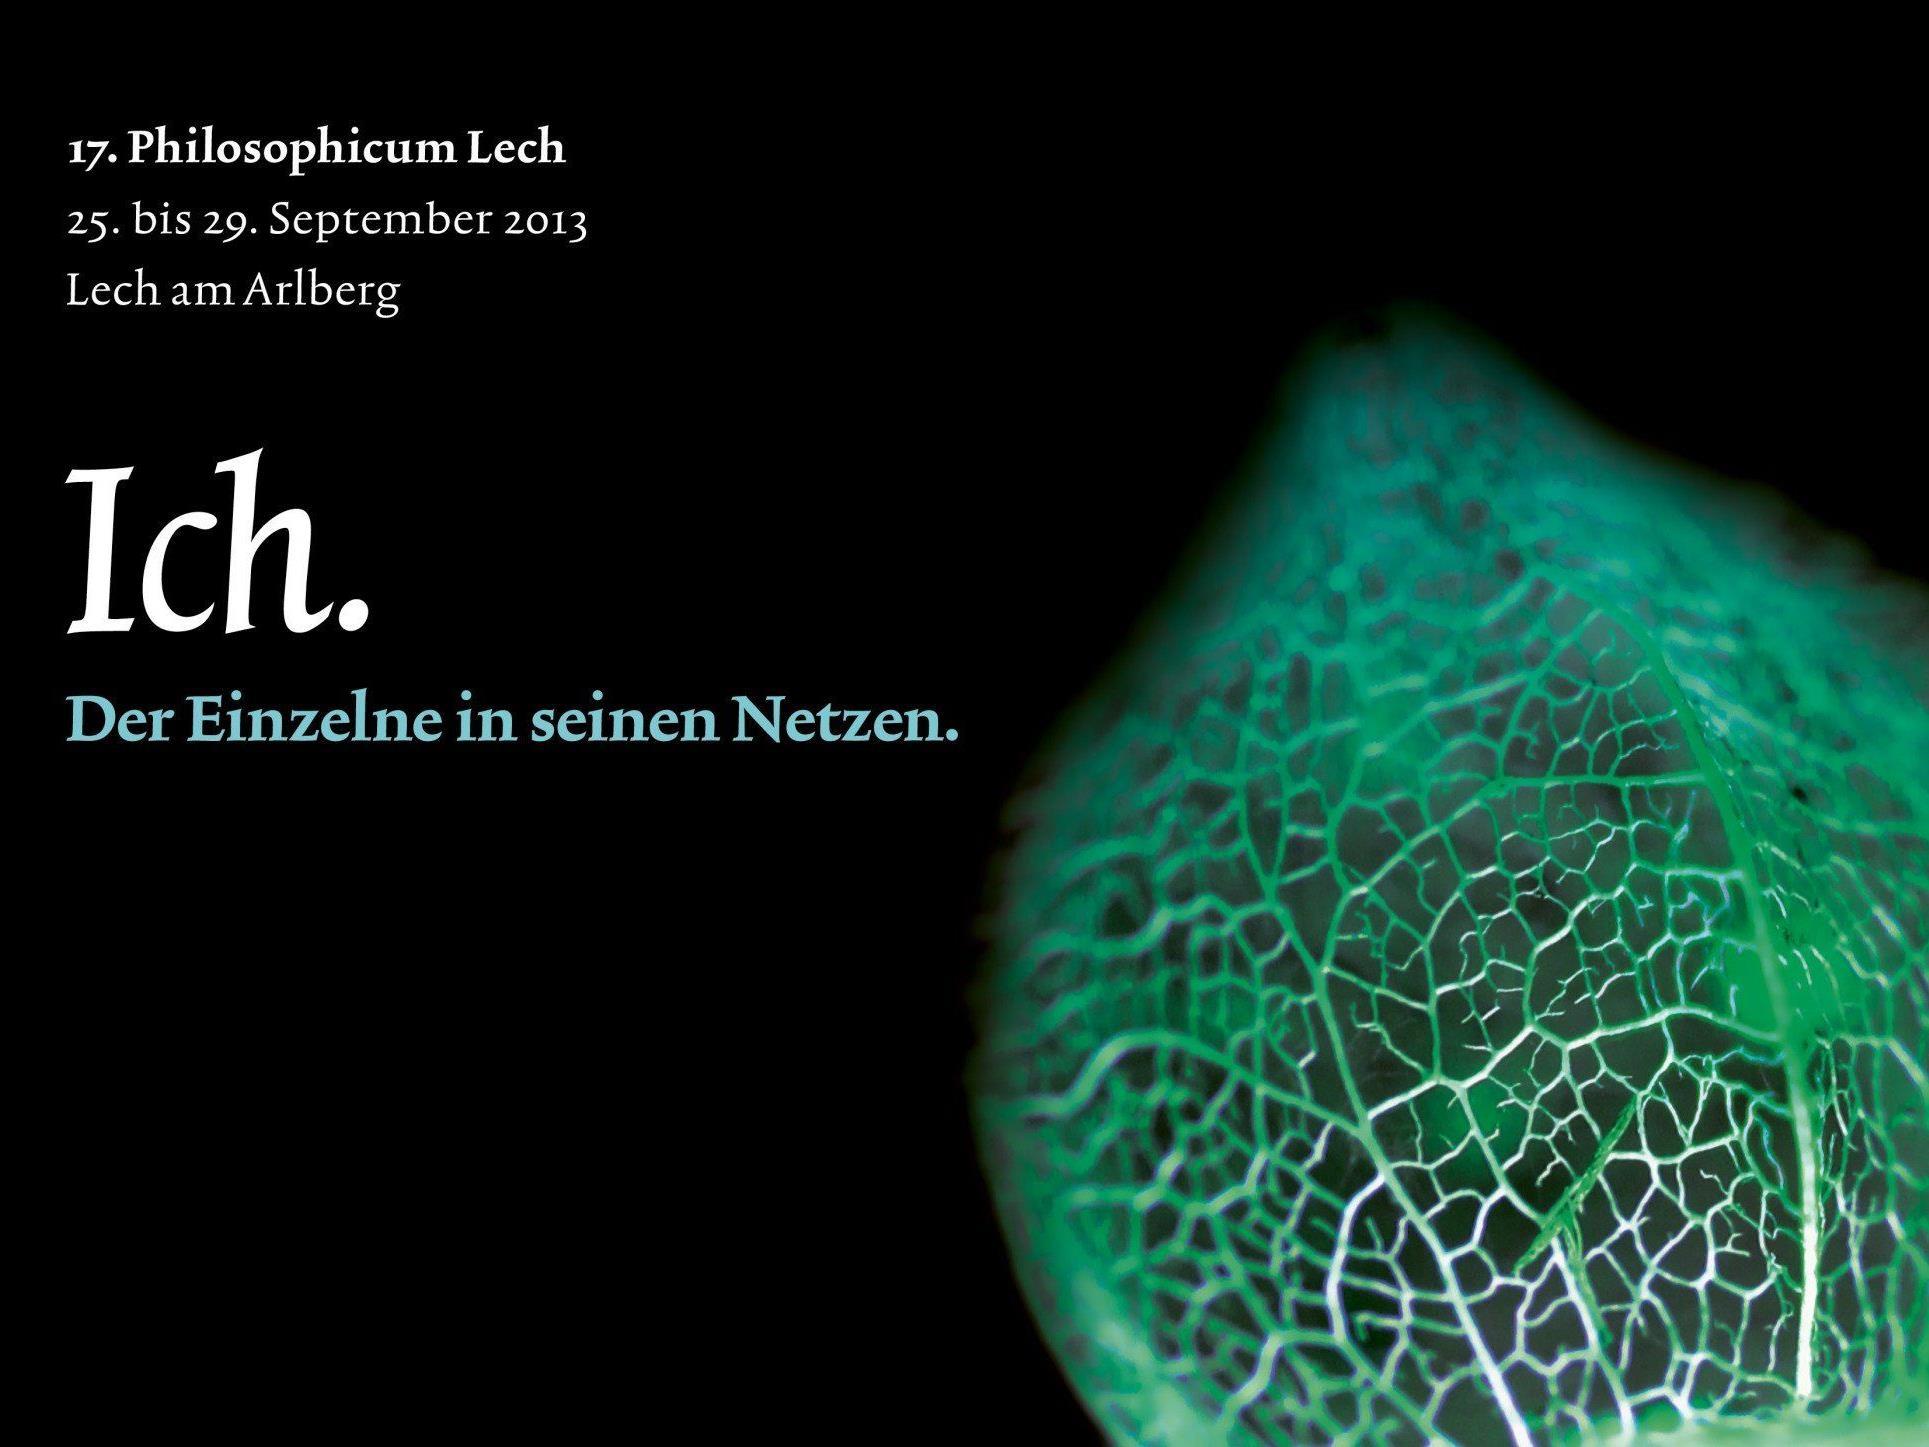 Hochkarätige philosophische Tage im September in Lech.